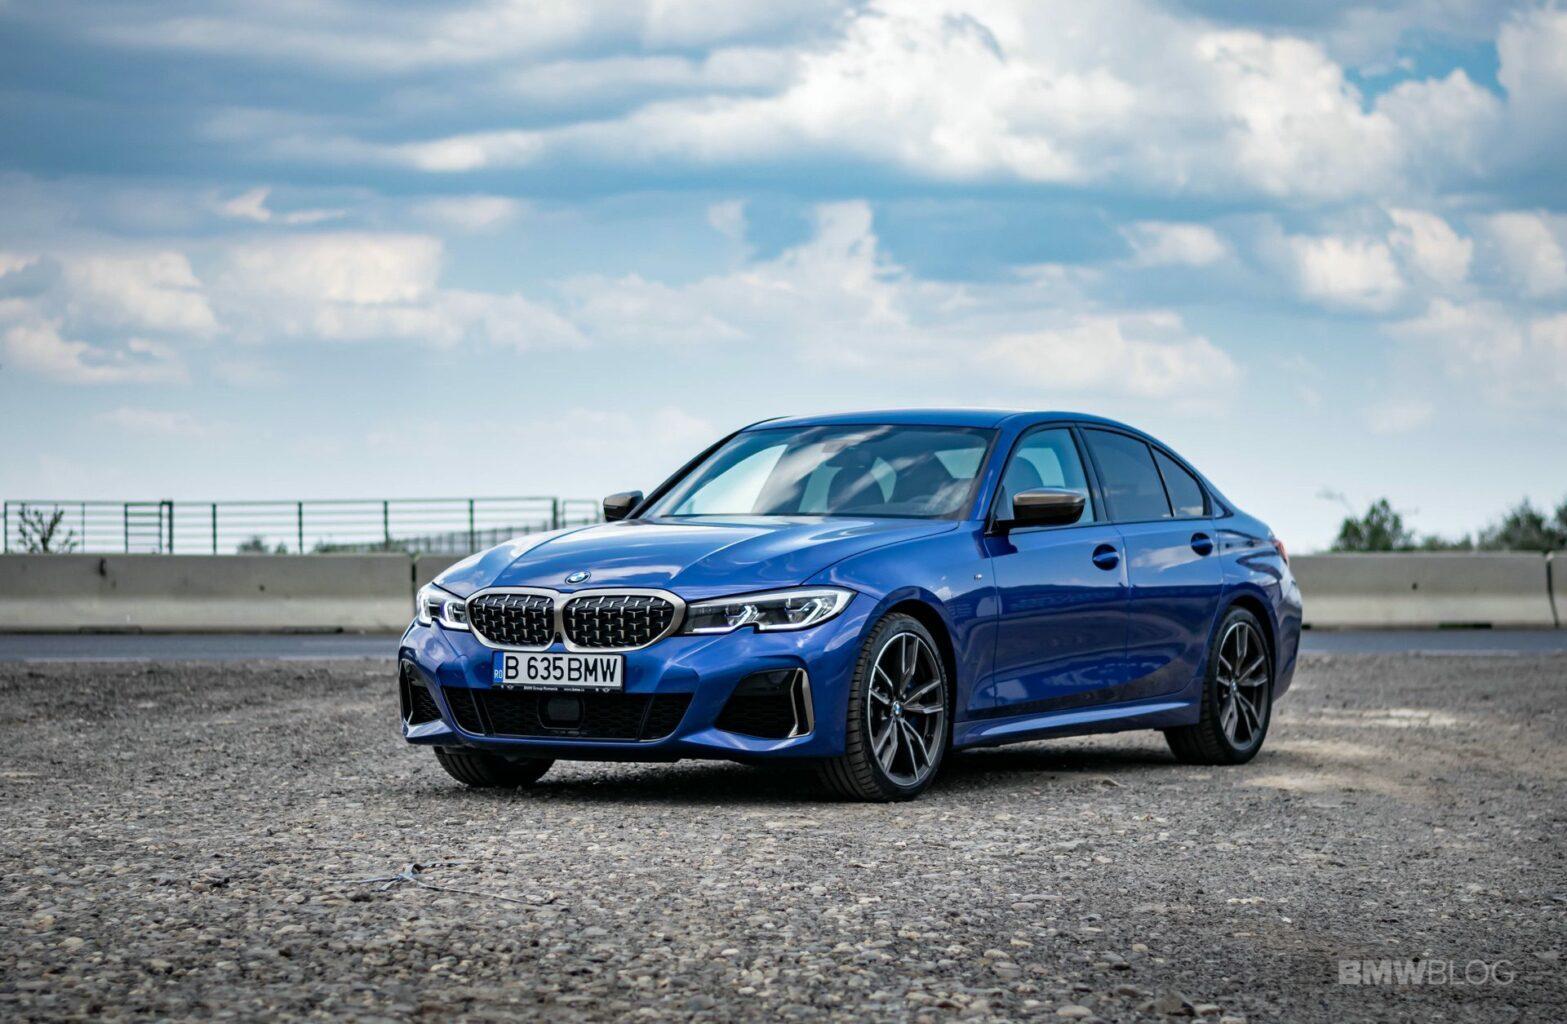 2020 BMW M340i sedan test drive 35 1567x1024